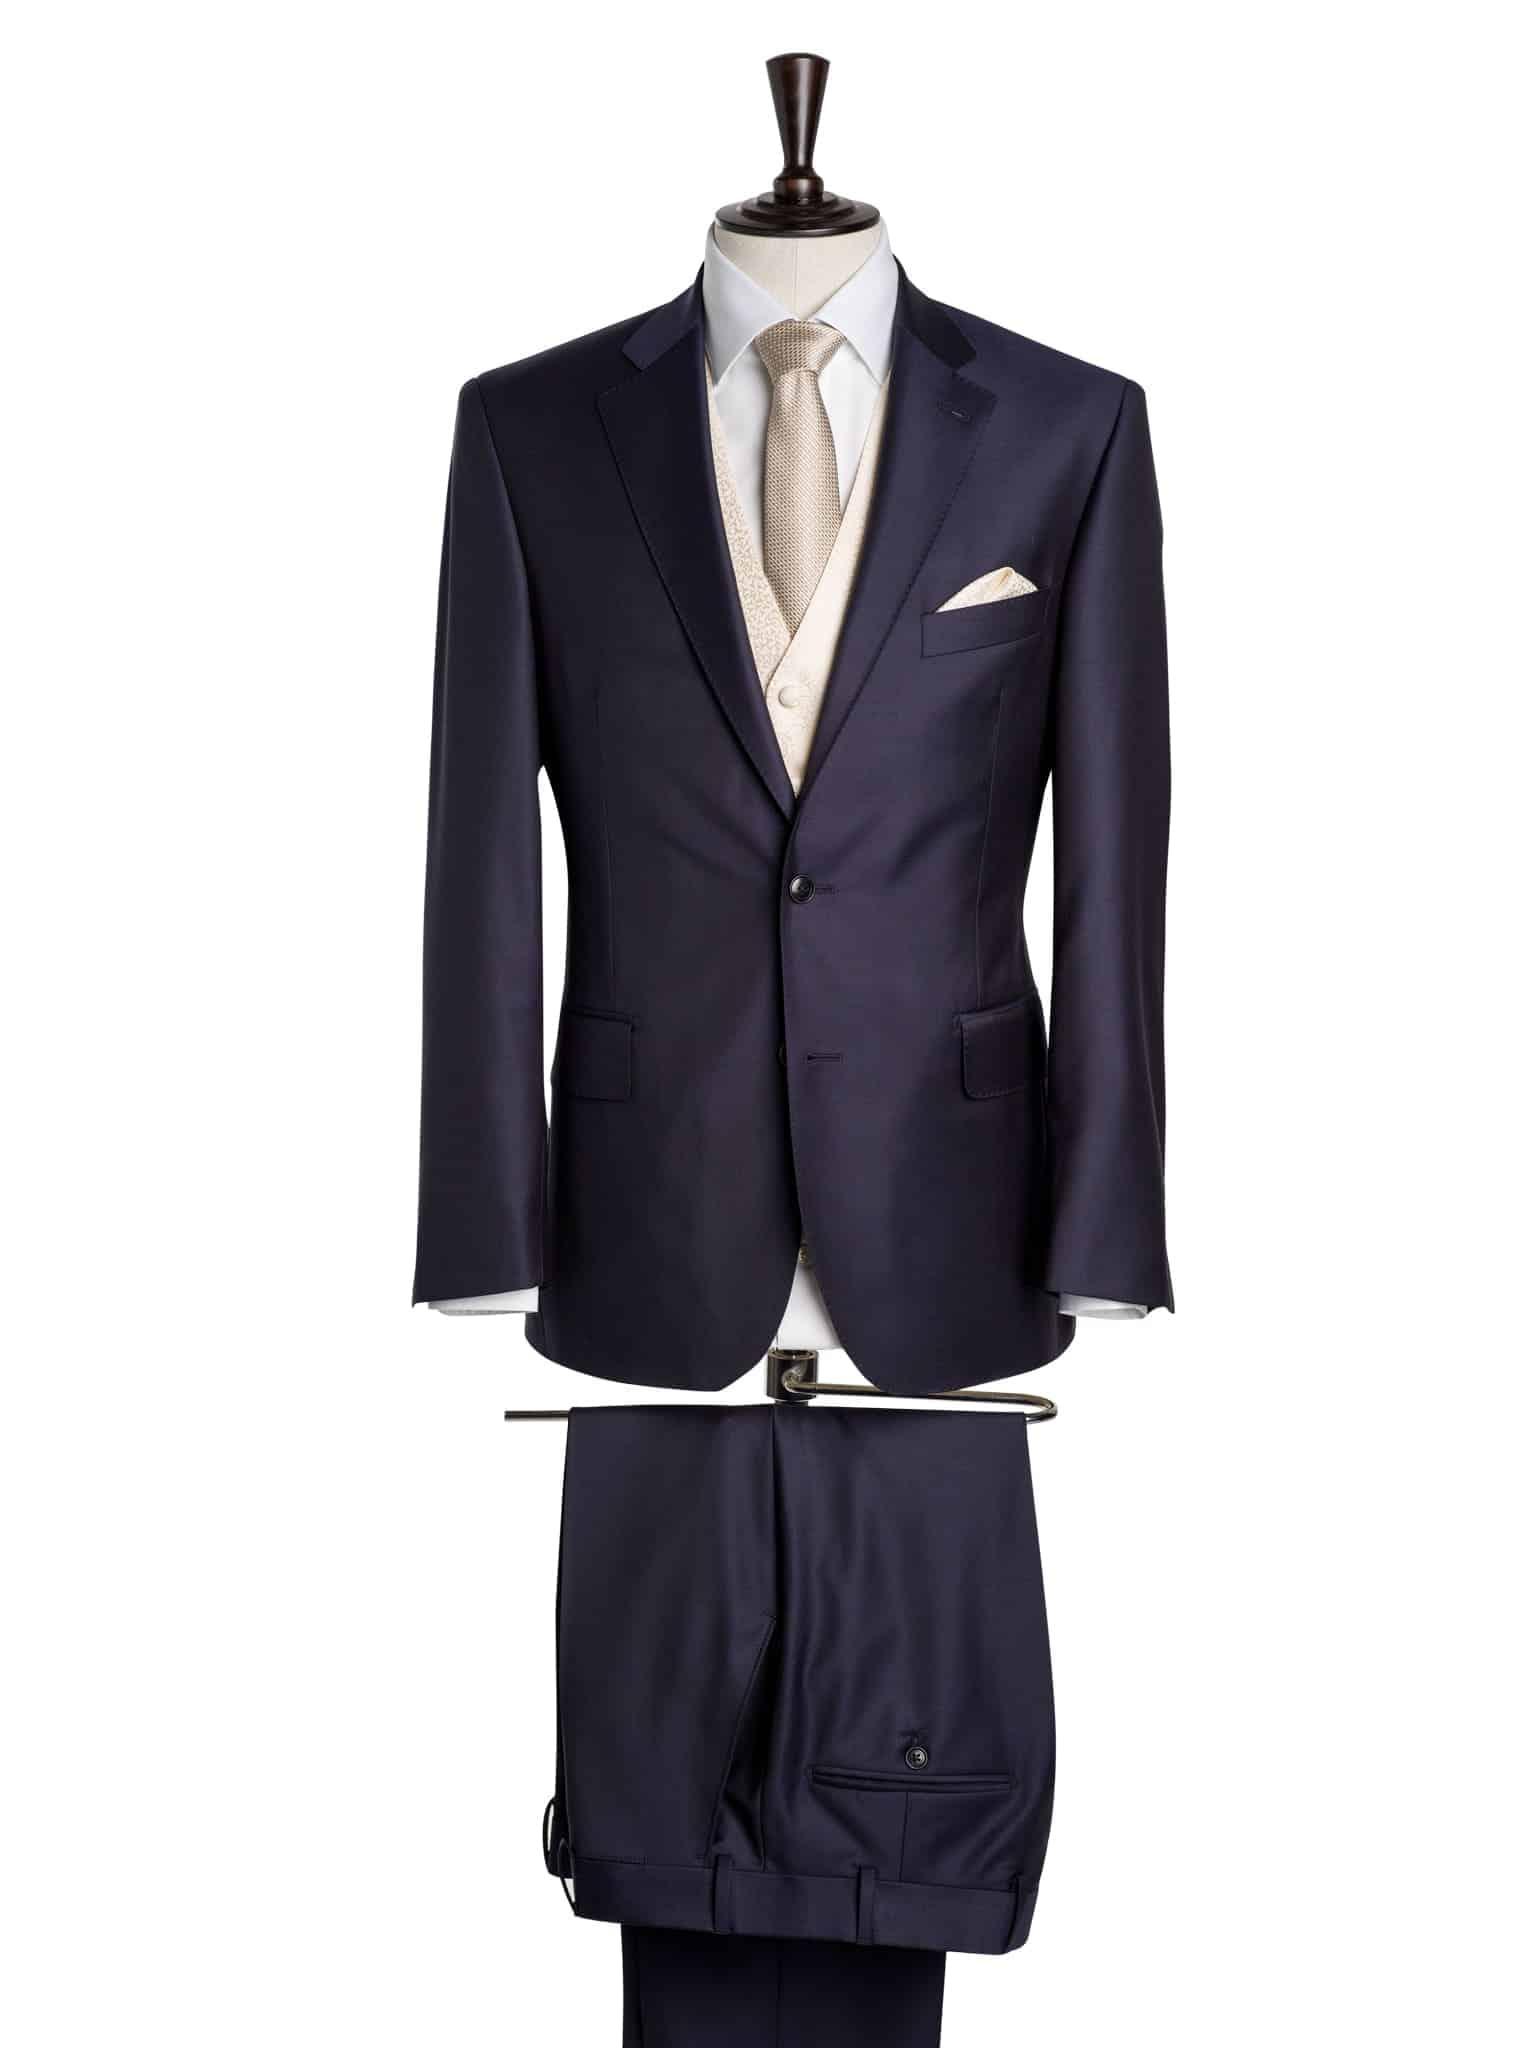 Maßbekleidung, Dreiteiliger Hochzeitsanzug nach Maß,